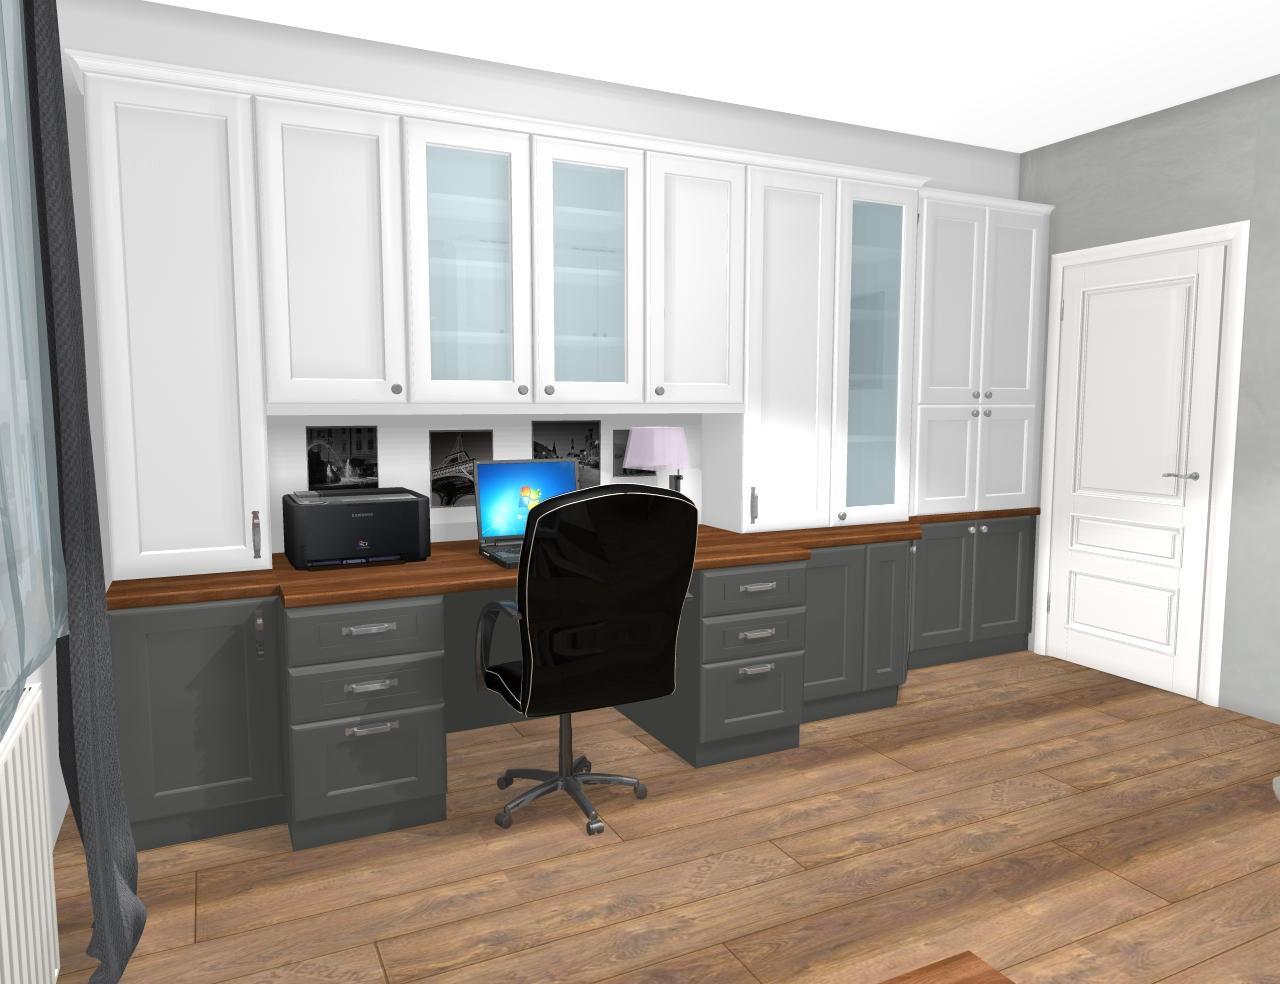 Grafické návrhy interiér 2019 - Grafický návrh pracovne do rodinného domu vo vidieckom štýle - obr.1